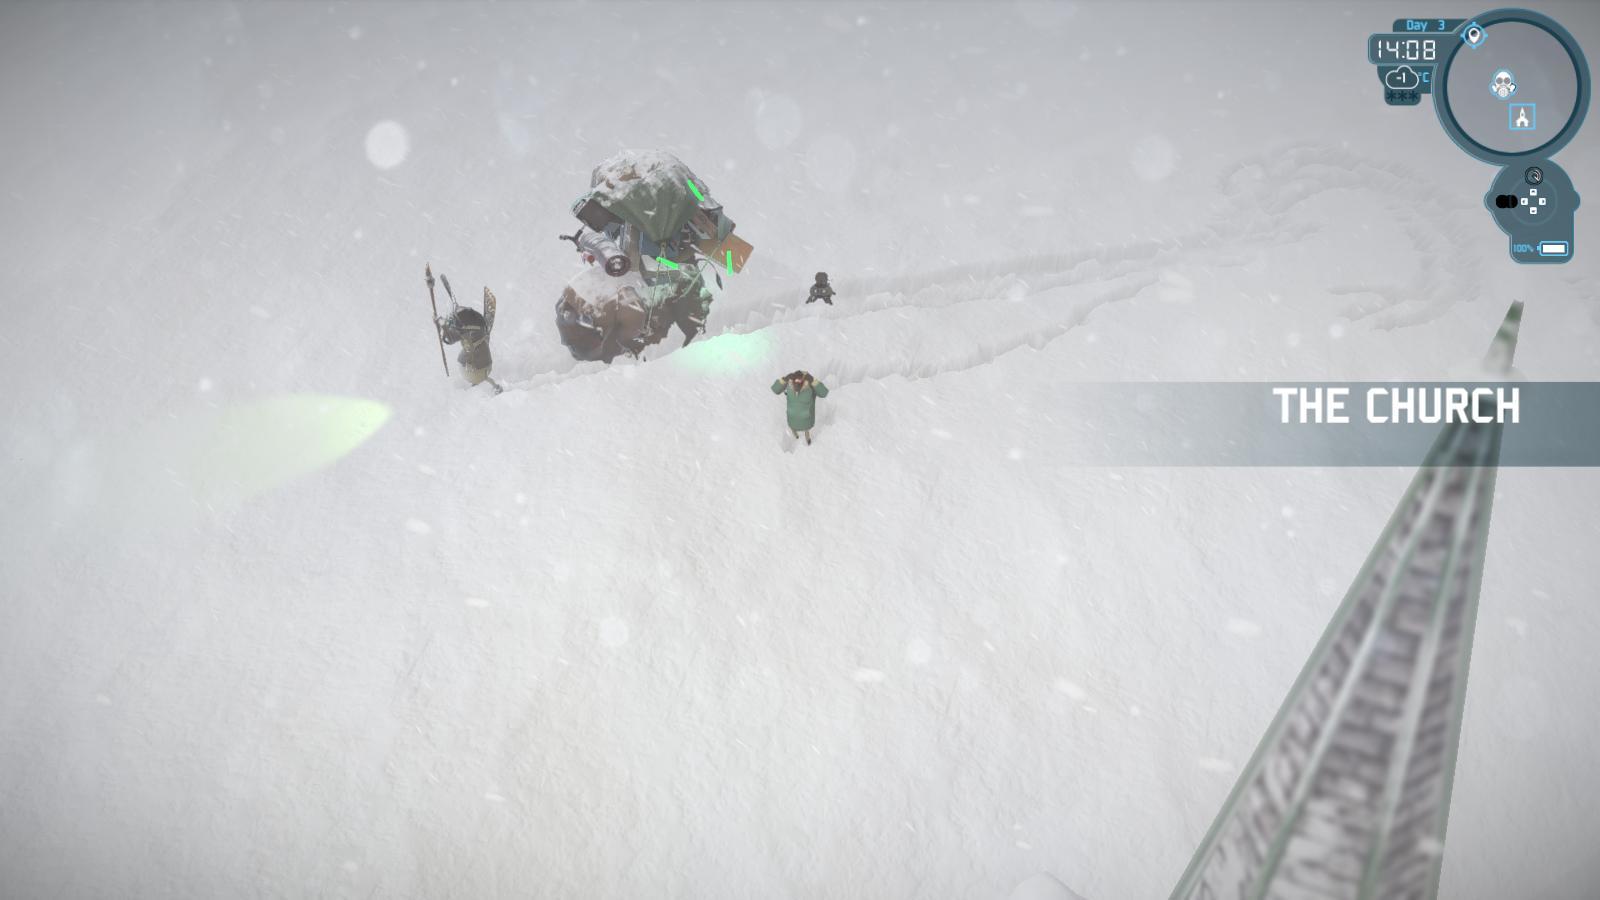 impact winter recensione pc steam